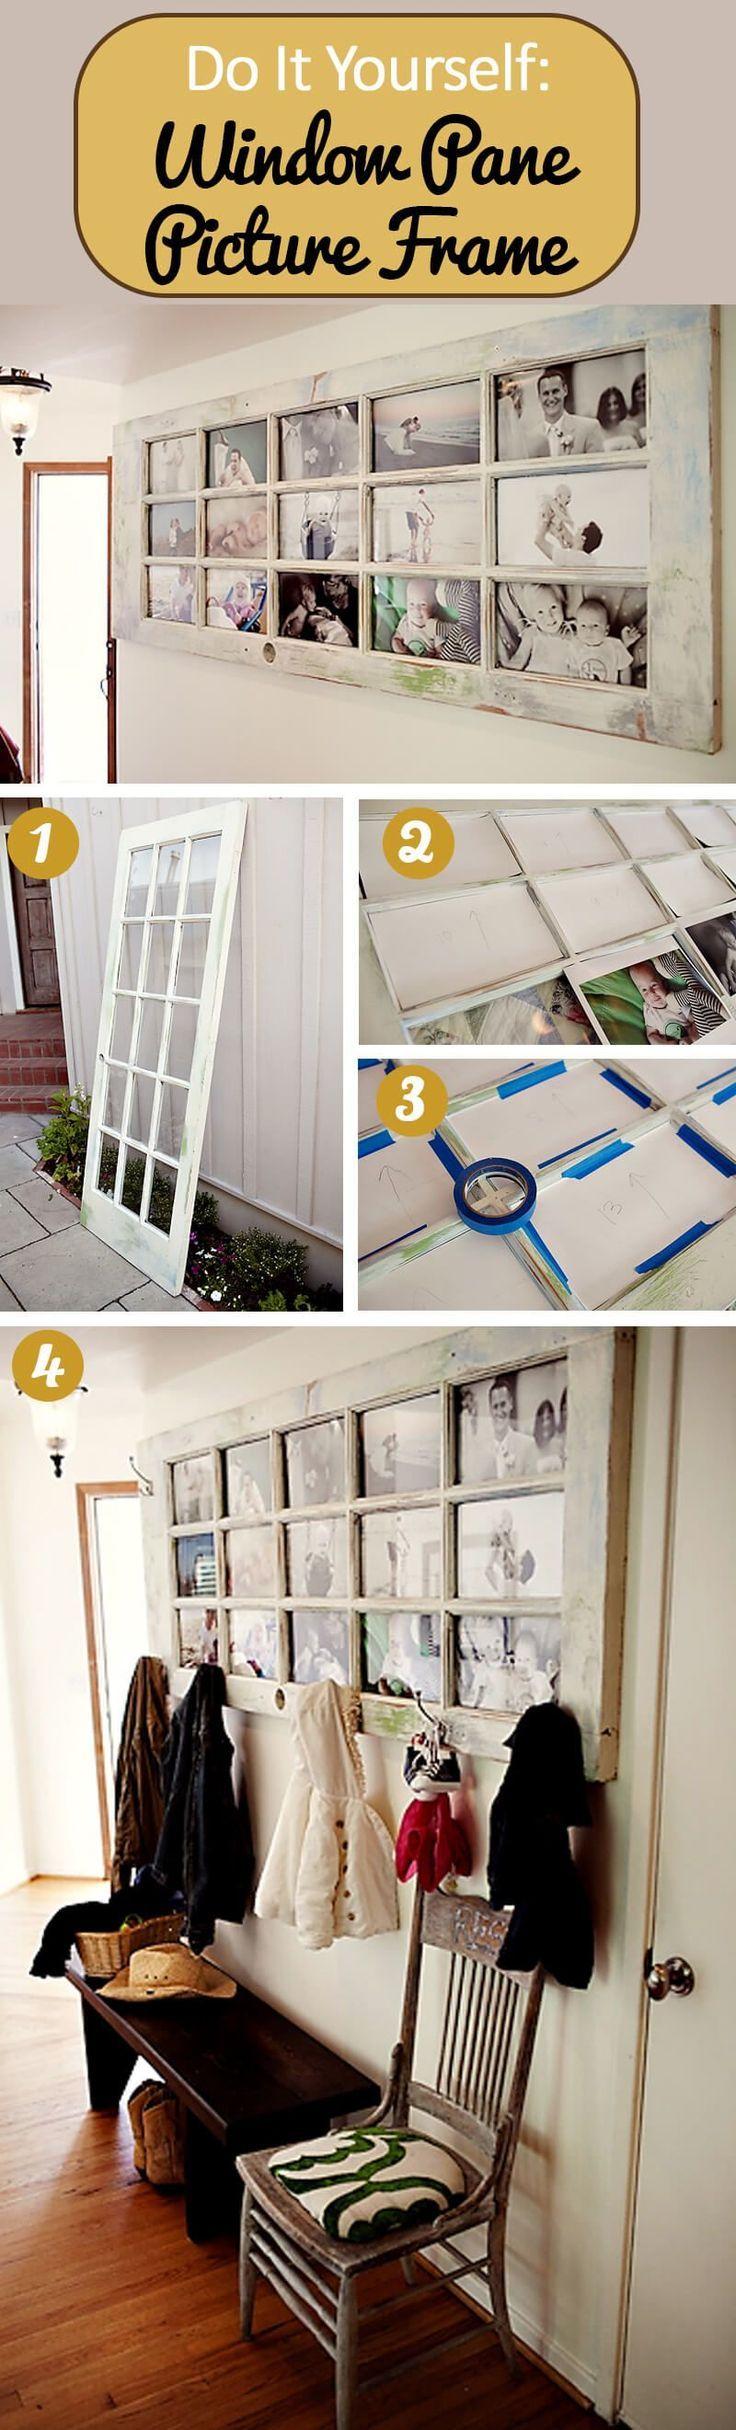 35 Lustige und einfache Heimwerkerprojekte, die Sie dieses Wochenende erledigen können